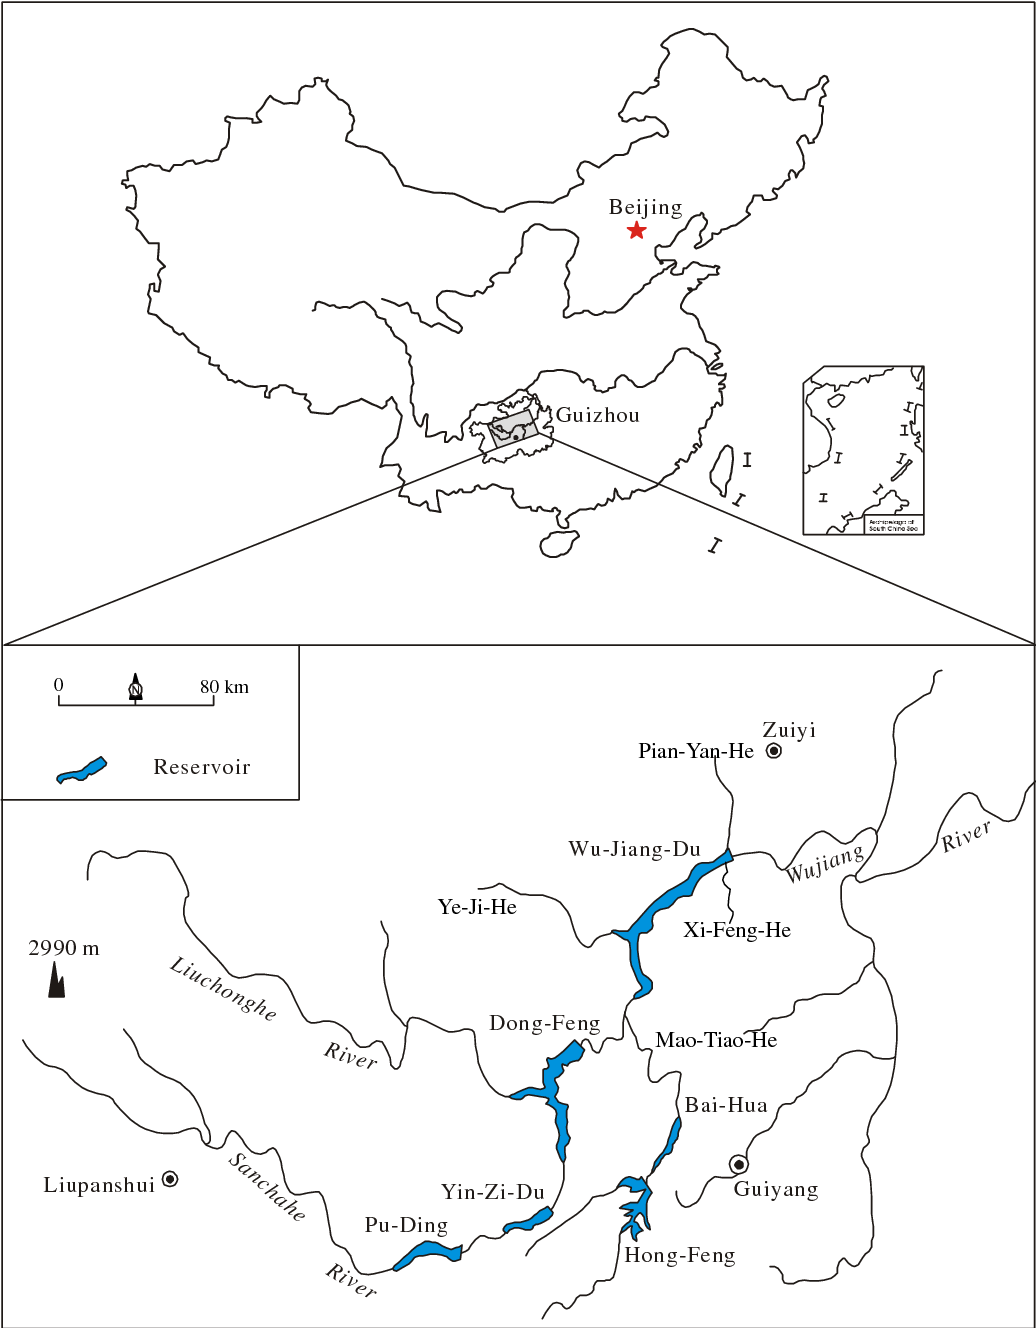 figure 1 from mercury mass balance study in wujiangdu and dongfeng Nguoi Da Hua MA fig 1 location of study area in wujiang river guizhou china